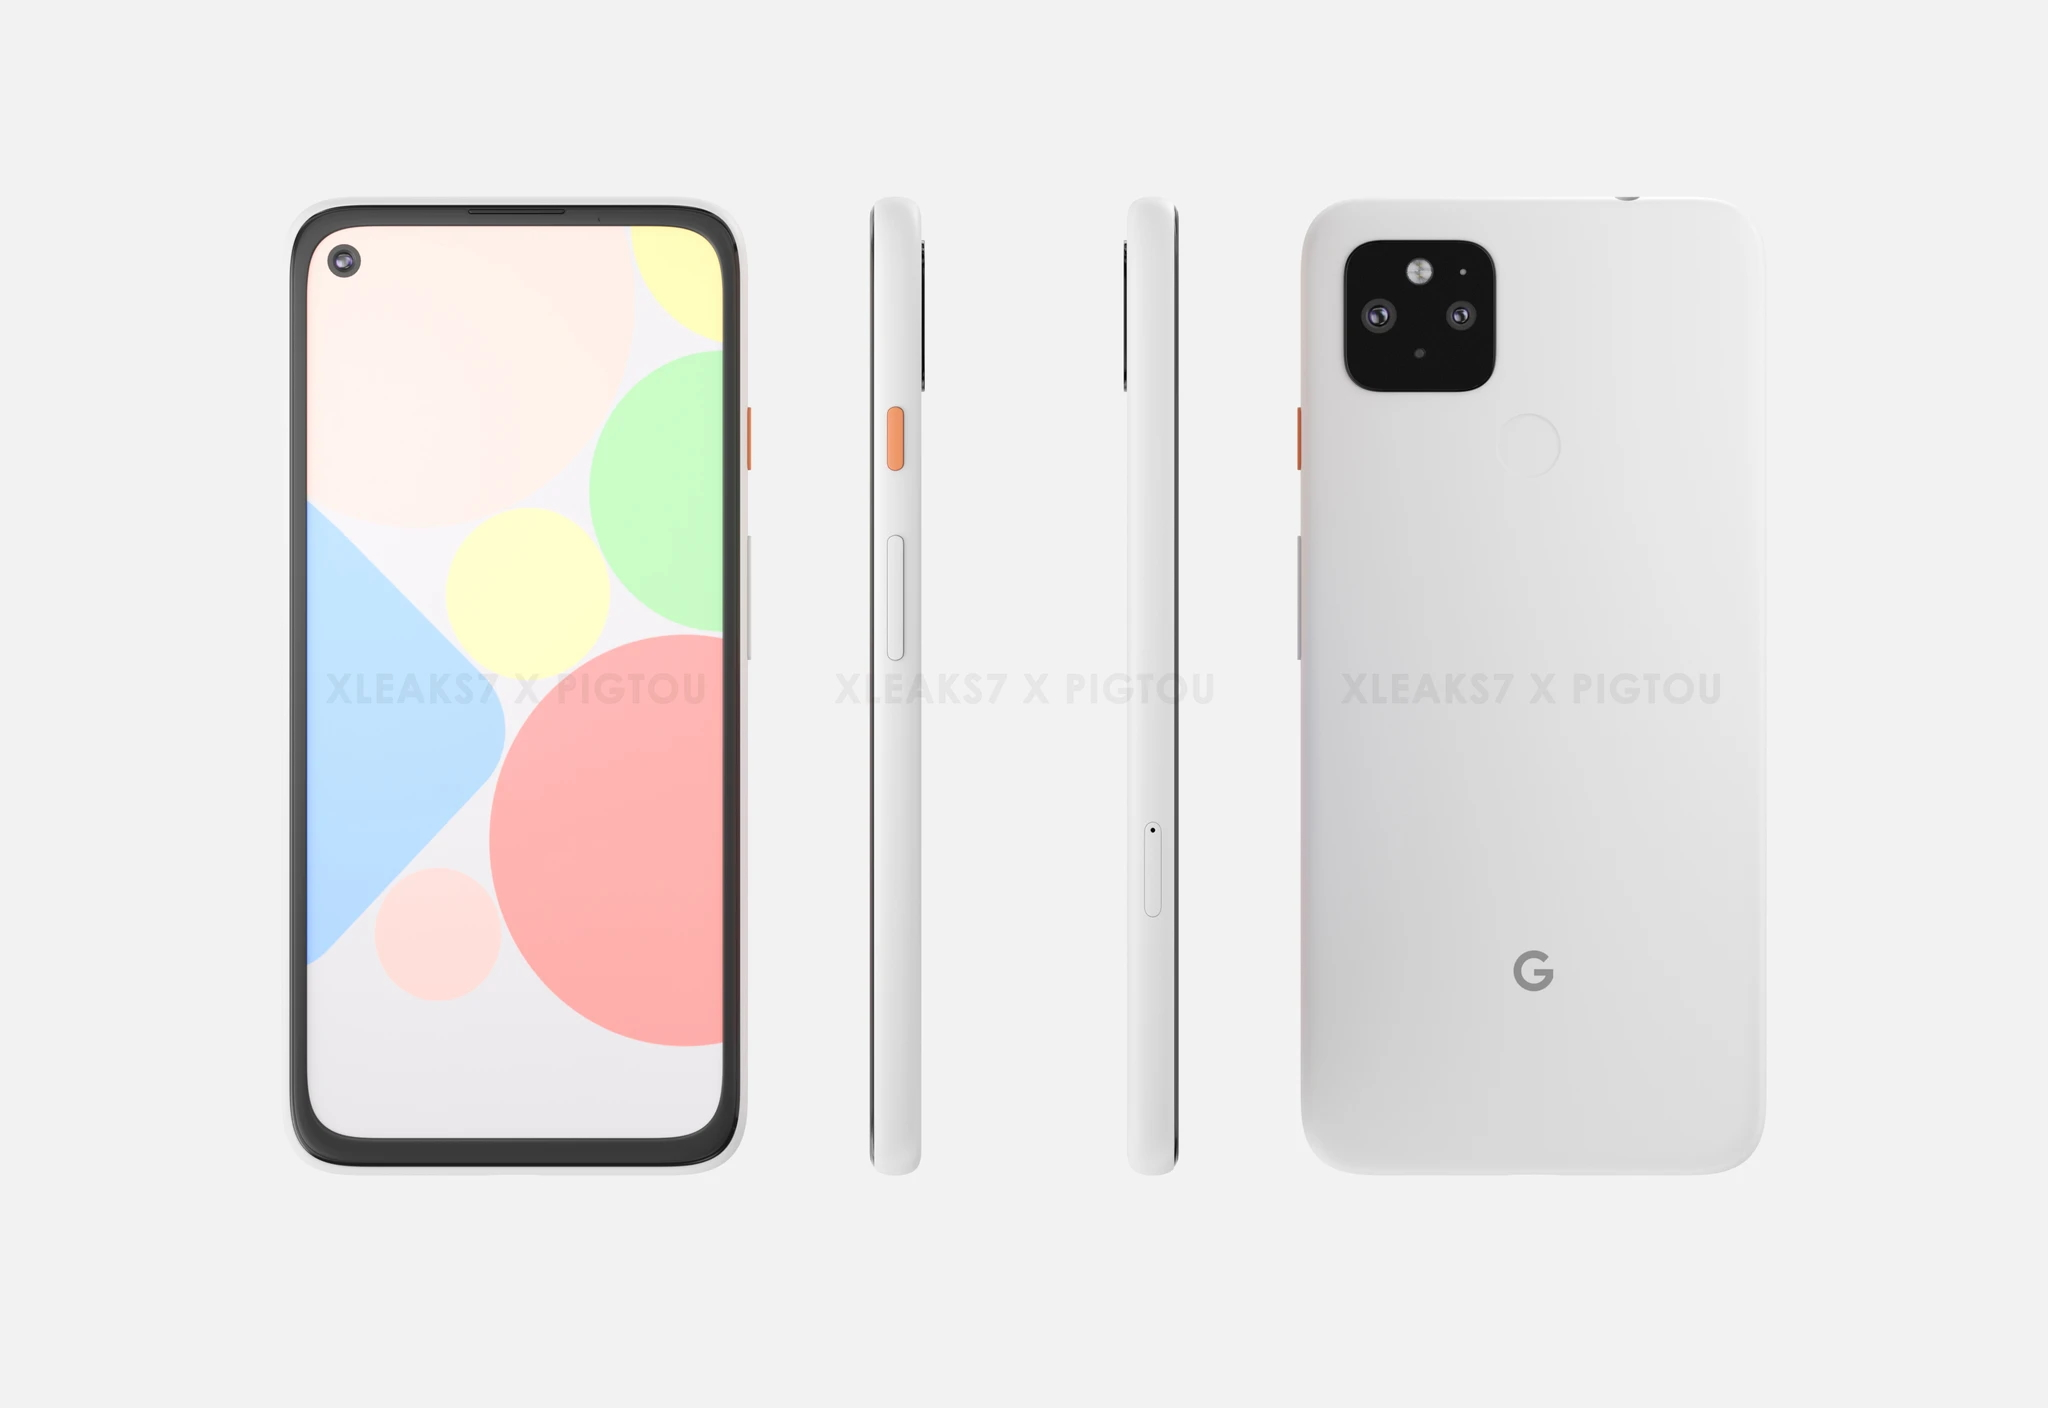 Google Pixel 4a XL - هكذا يبدو الهاتف Google Pixel 4a XL الملغي من قبل شركة جوجل